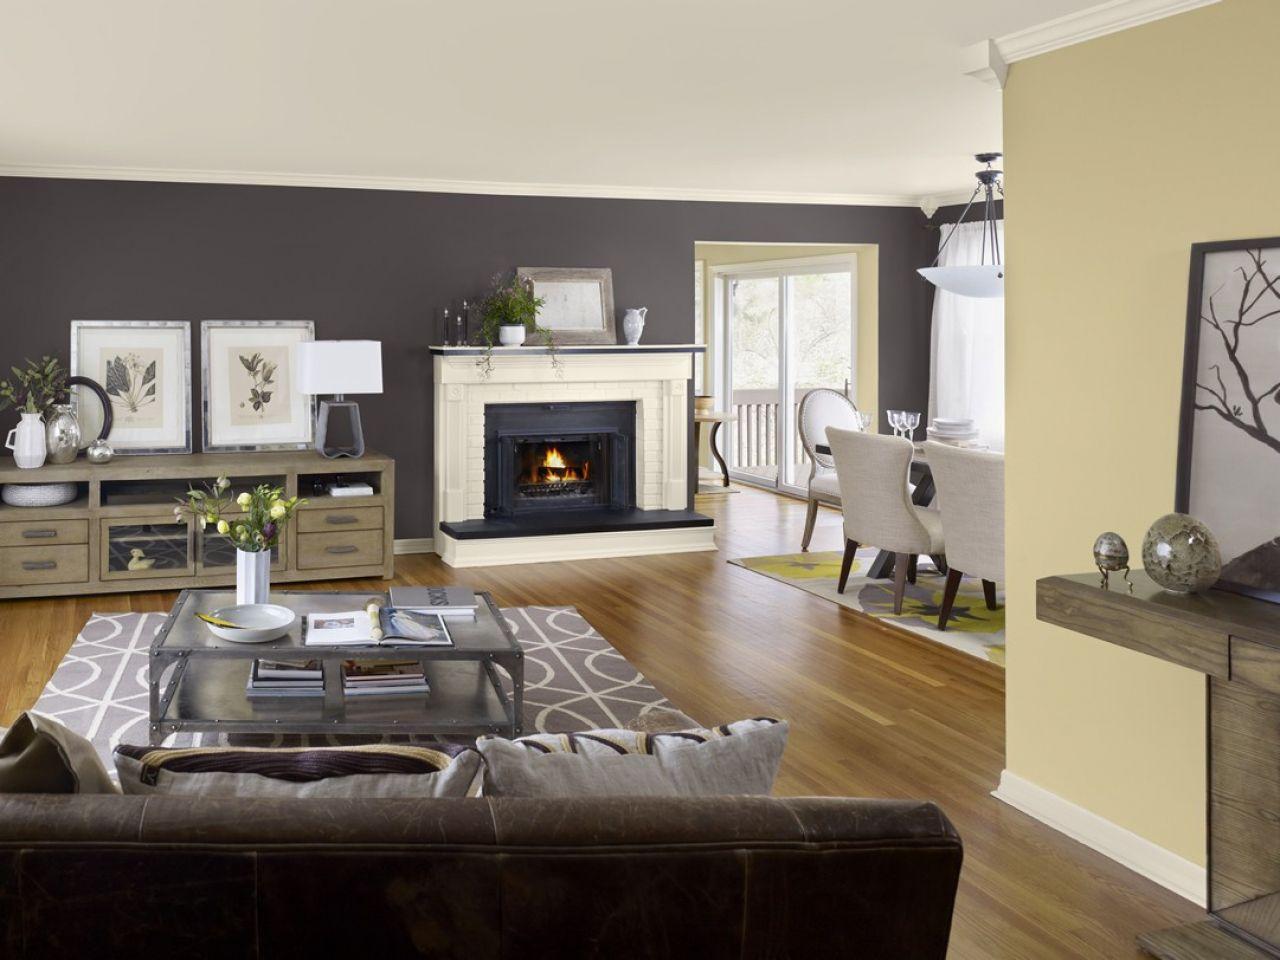 Wohnzimmer Esszimmer Grau Beige Unglaublich On Für Uncategorized Ehrfürchtiges Und 8